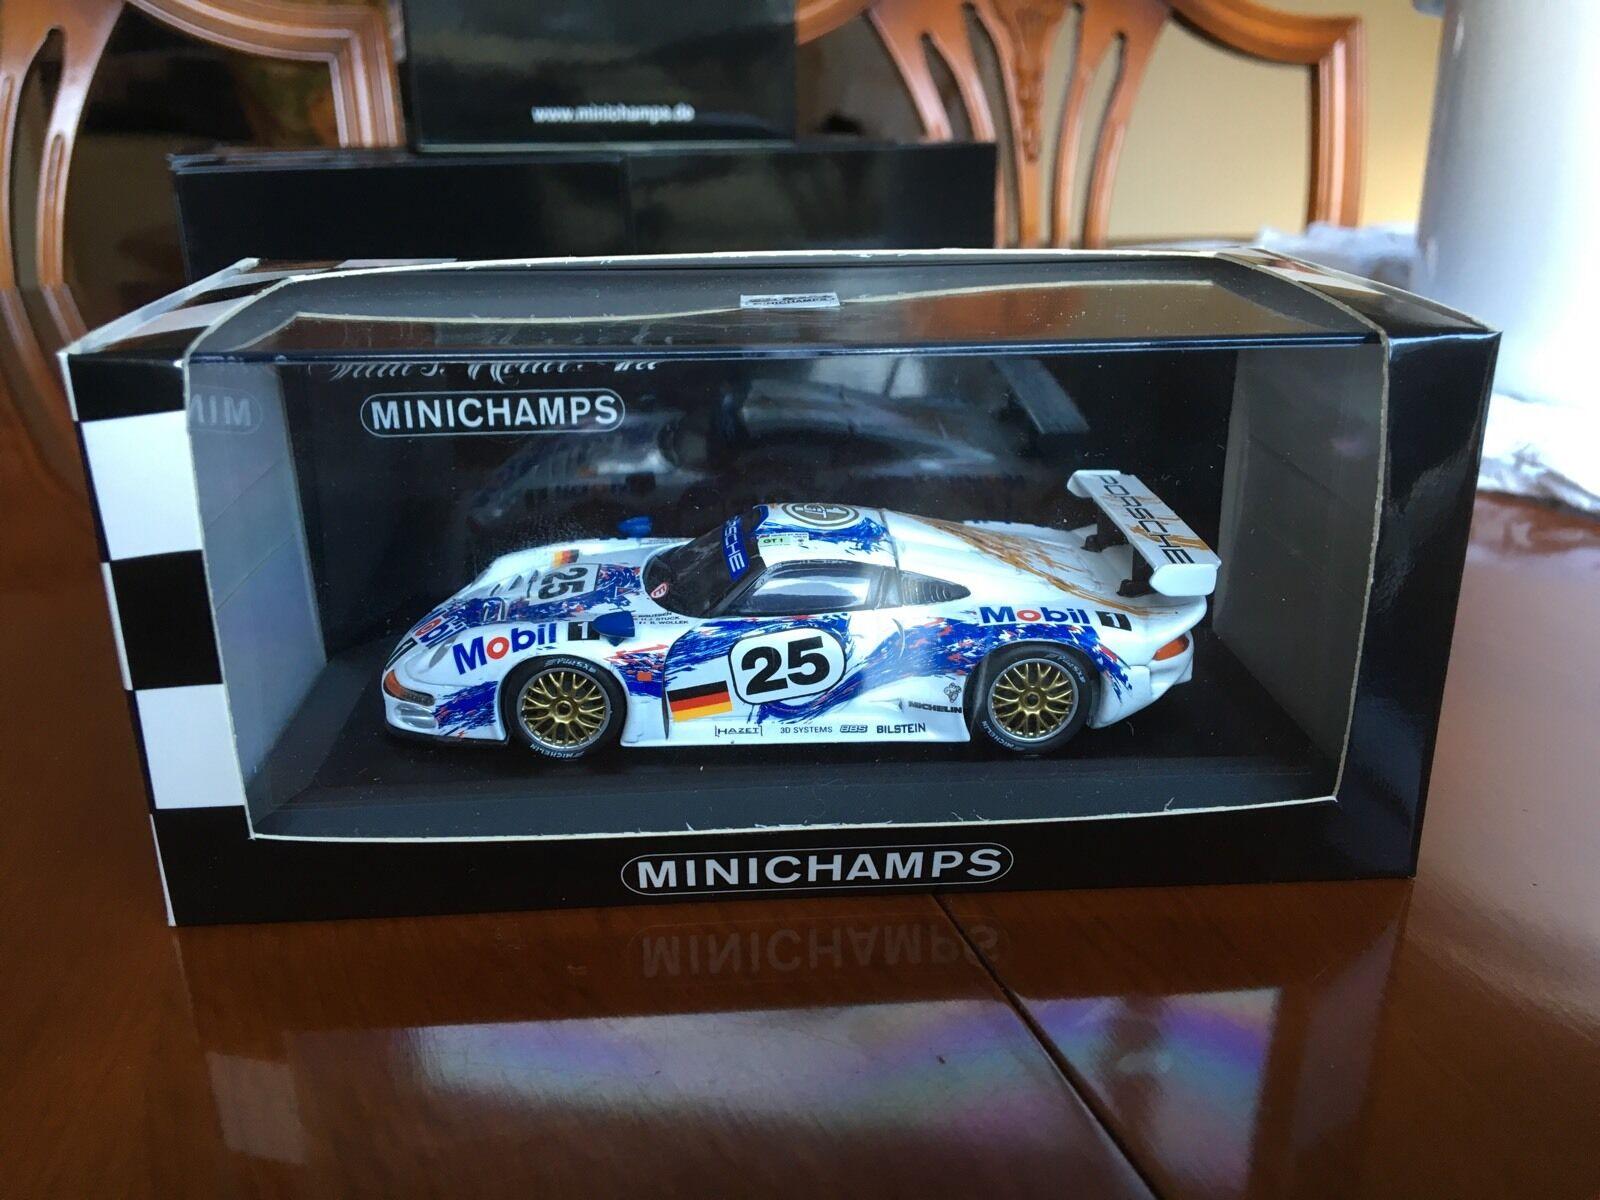 Minichamps Porsche 911 GT 1, Le Mans 1996. Team Mobil Porsche Car